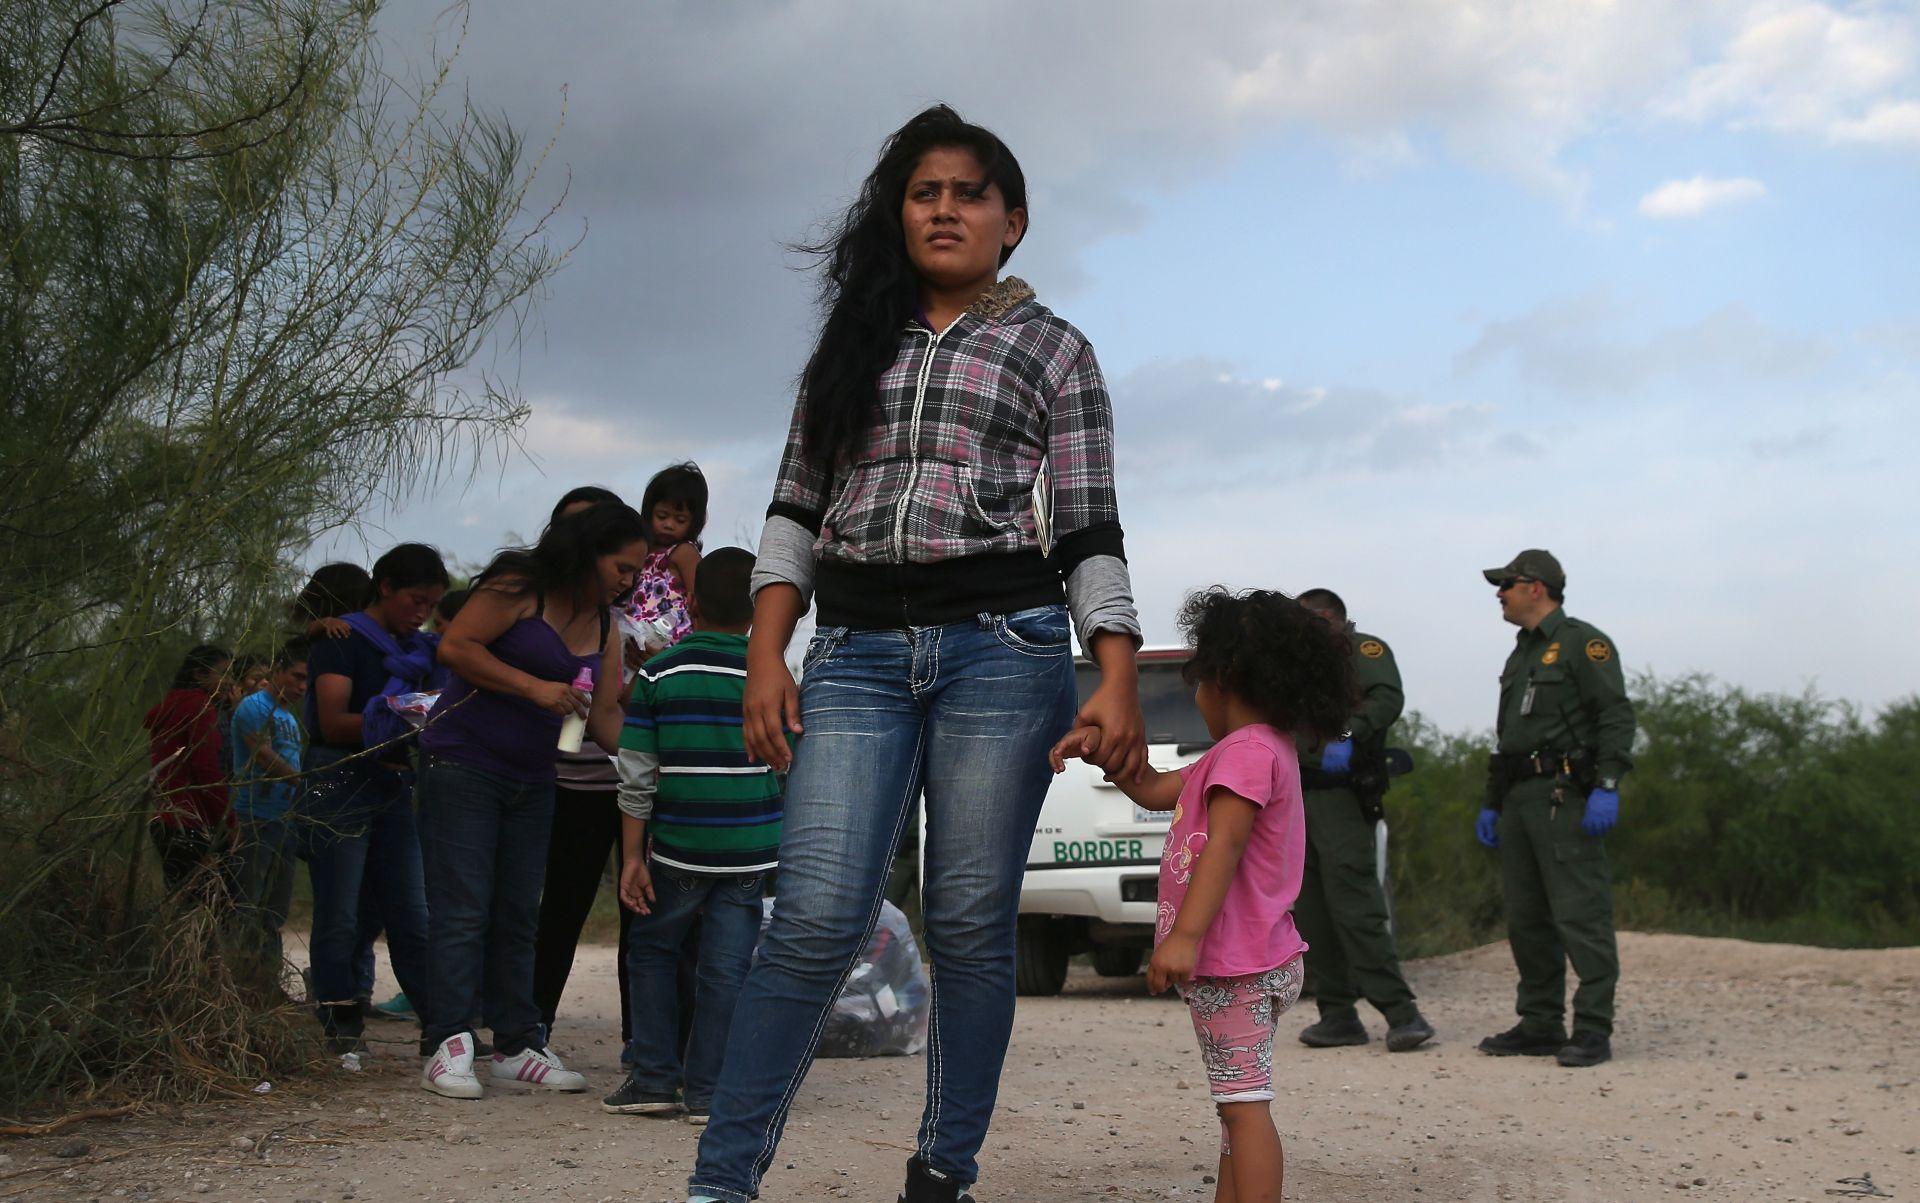 Izjava Komisije HBK Justitia et pax o izbjeglicama